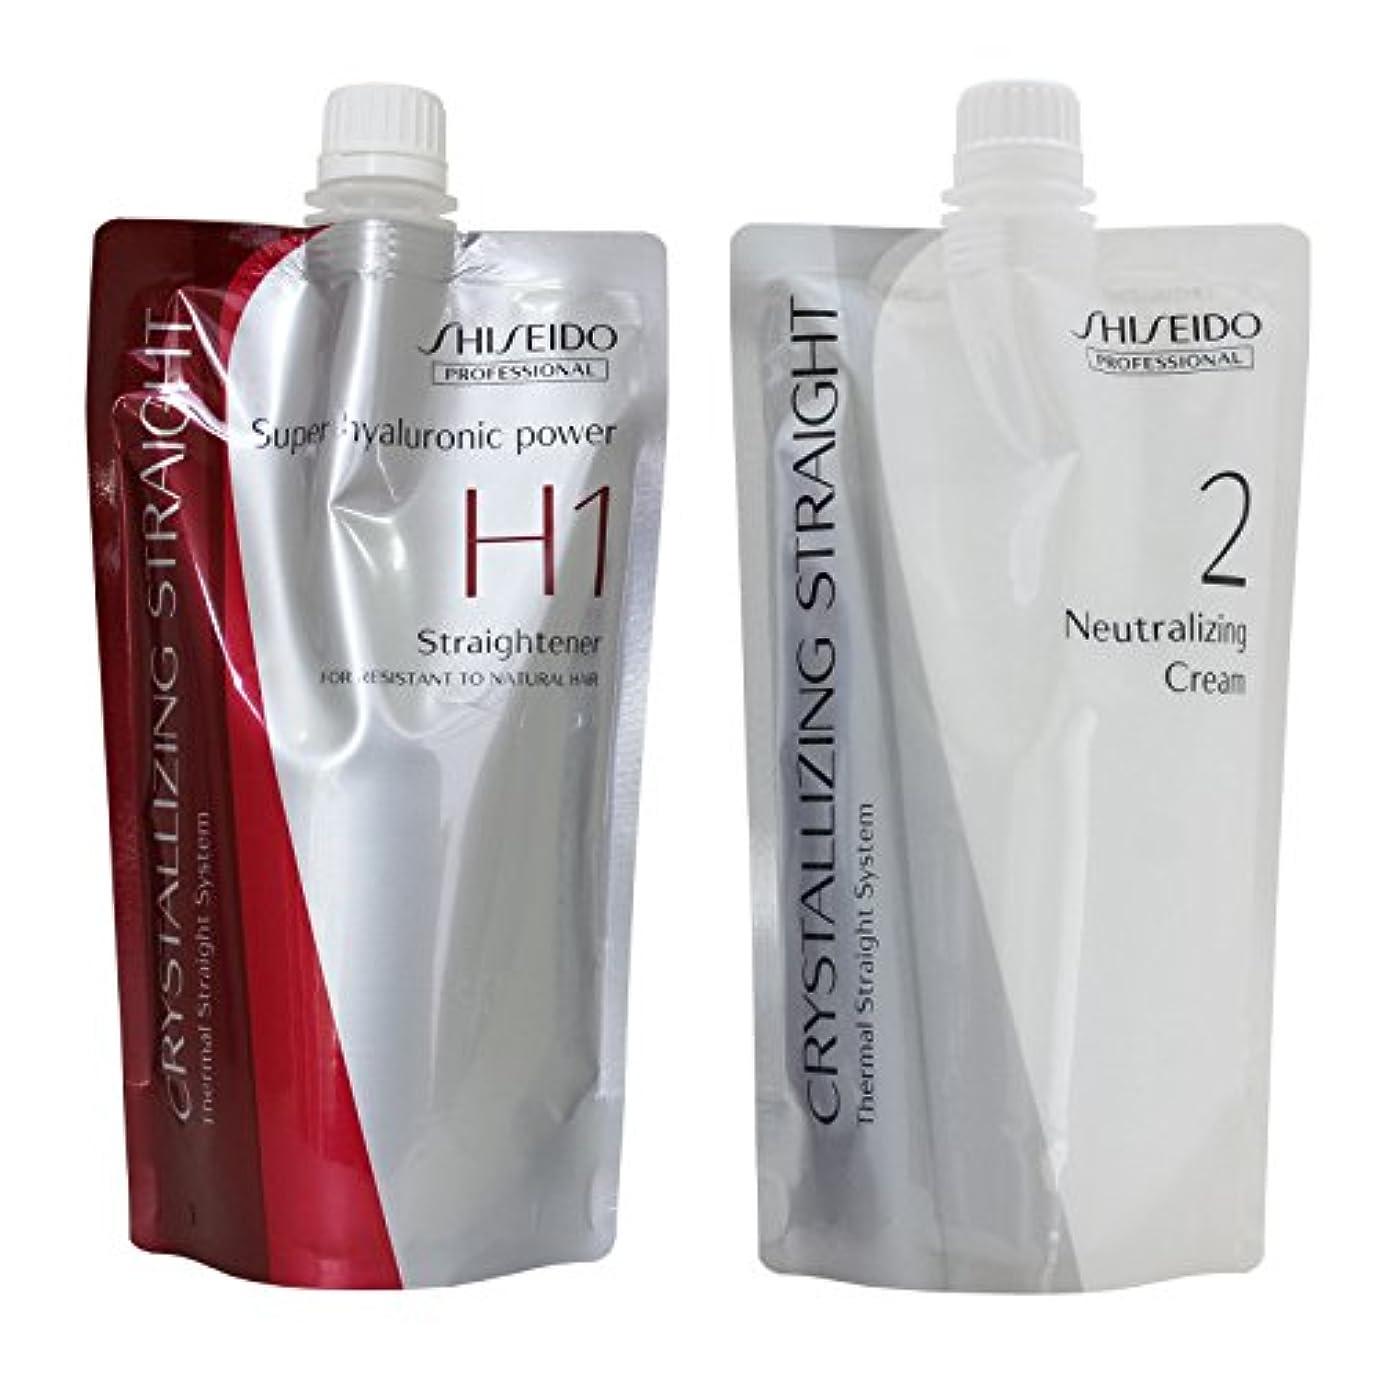 最初にリマ幅資生堂プロフェッショナル 縮毛矯正剤 クリスタラジングストレート α H ハードタイプ